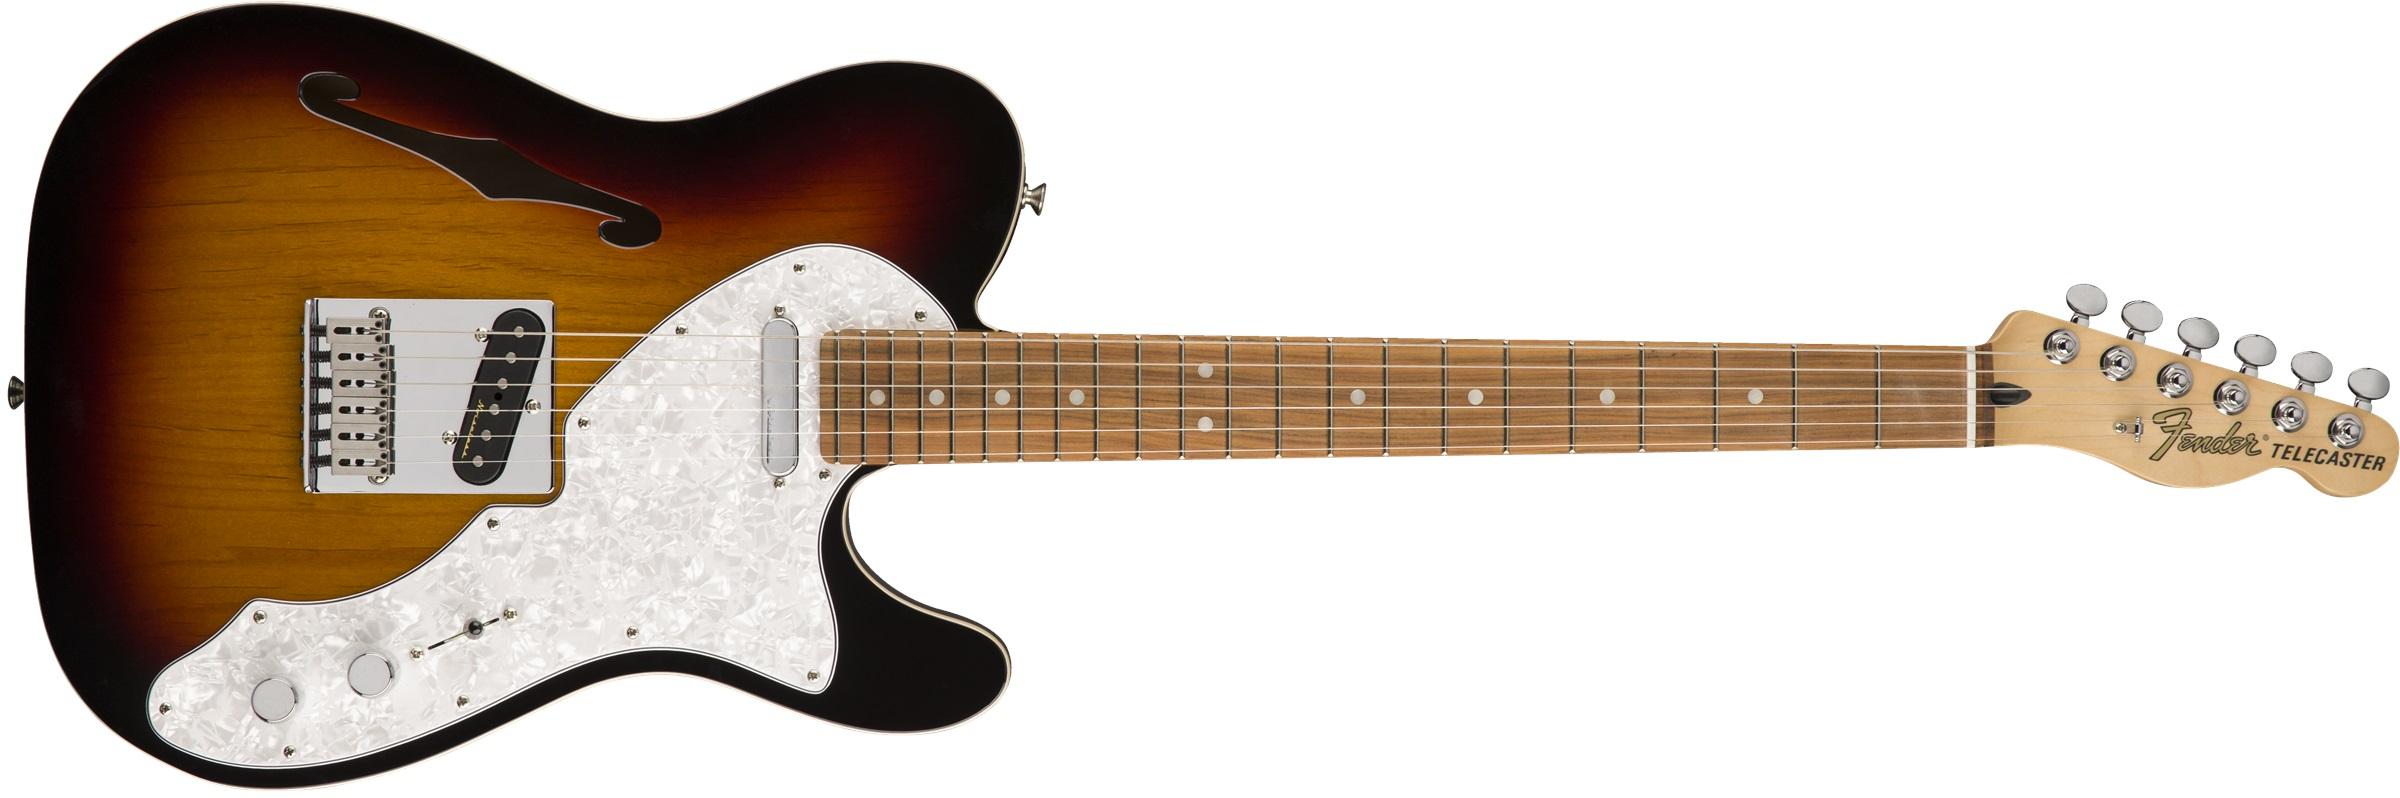 Fender Deluxe Telecaster Thinline PF 3TSB